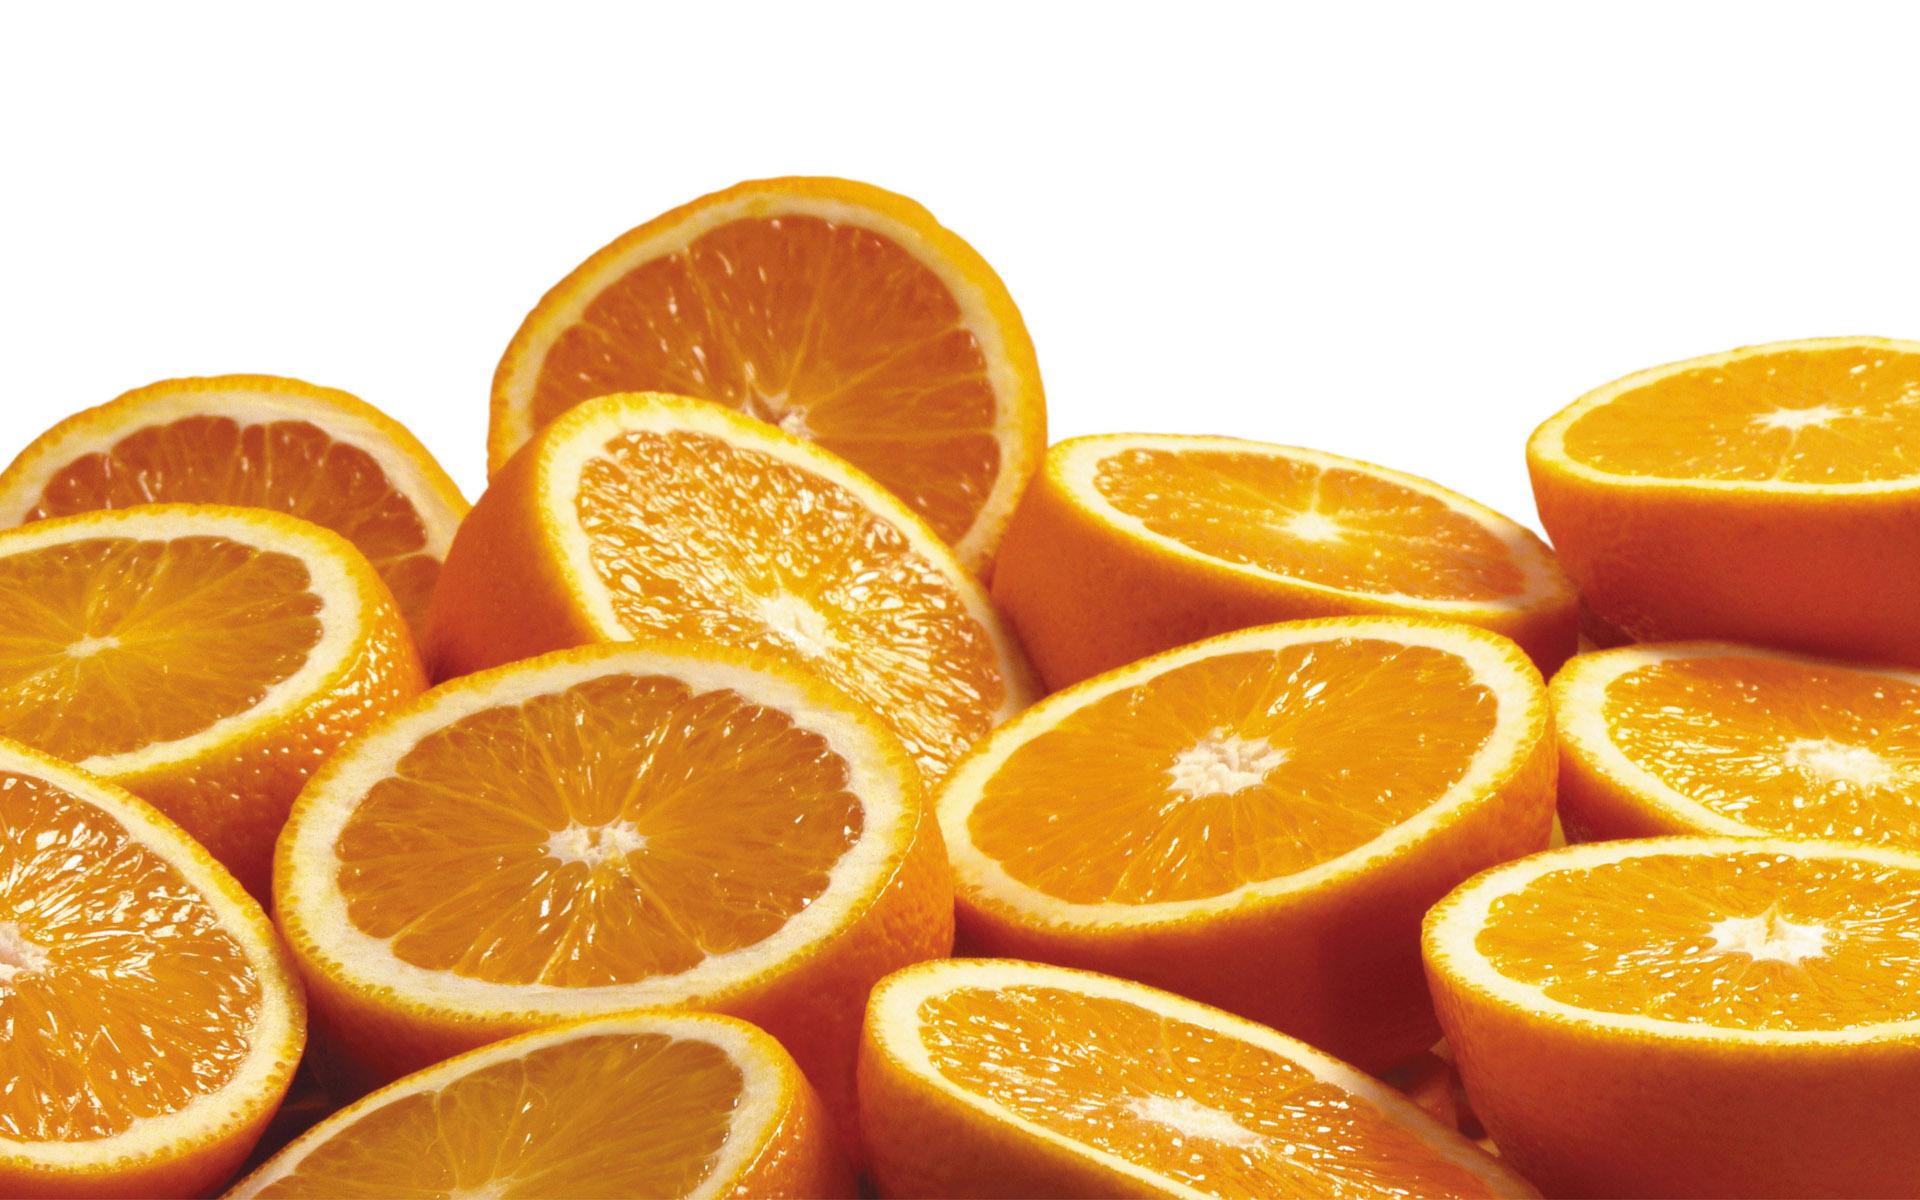 Food - Orange  Orange (fruit) Wallpaper